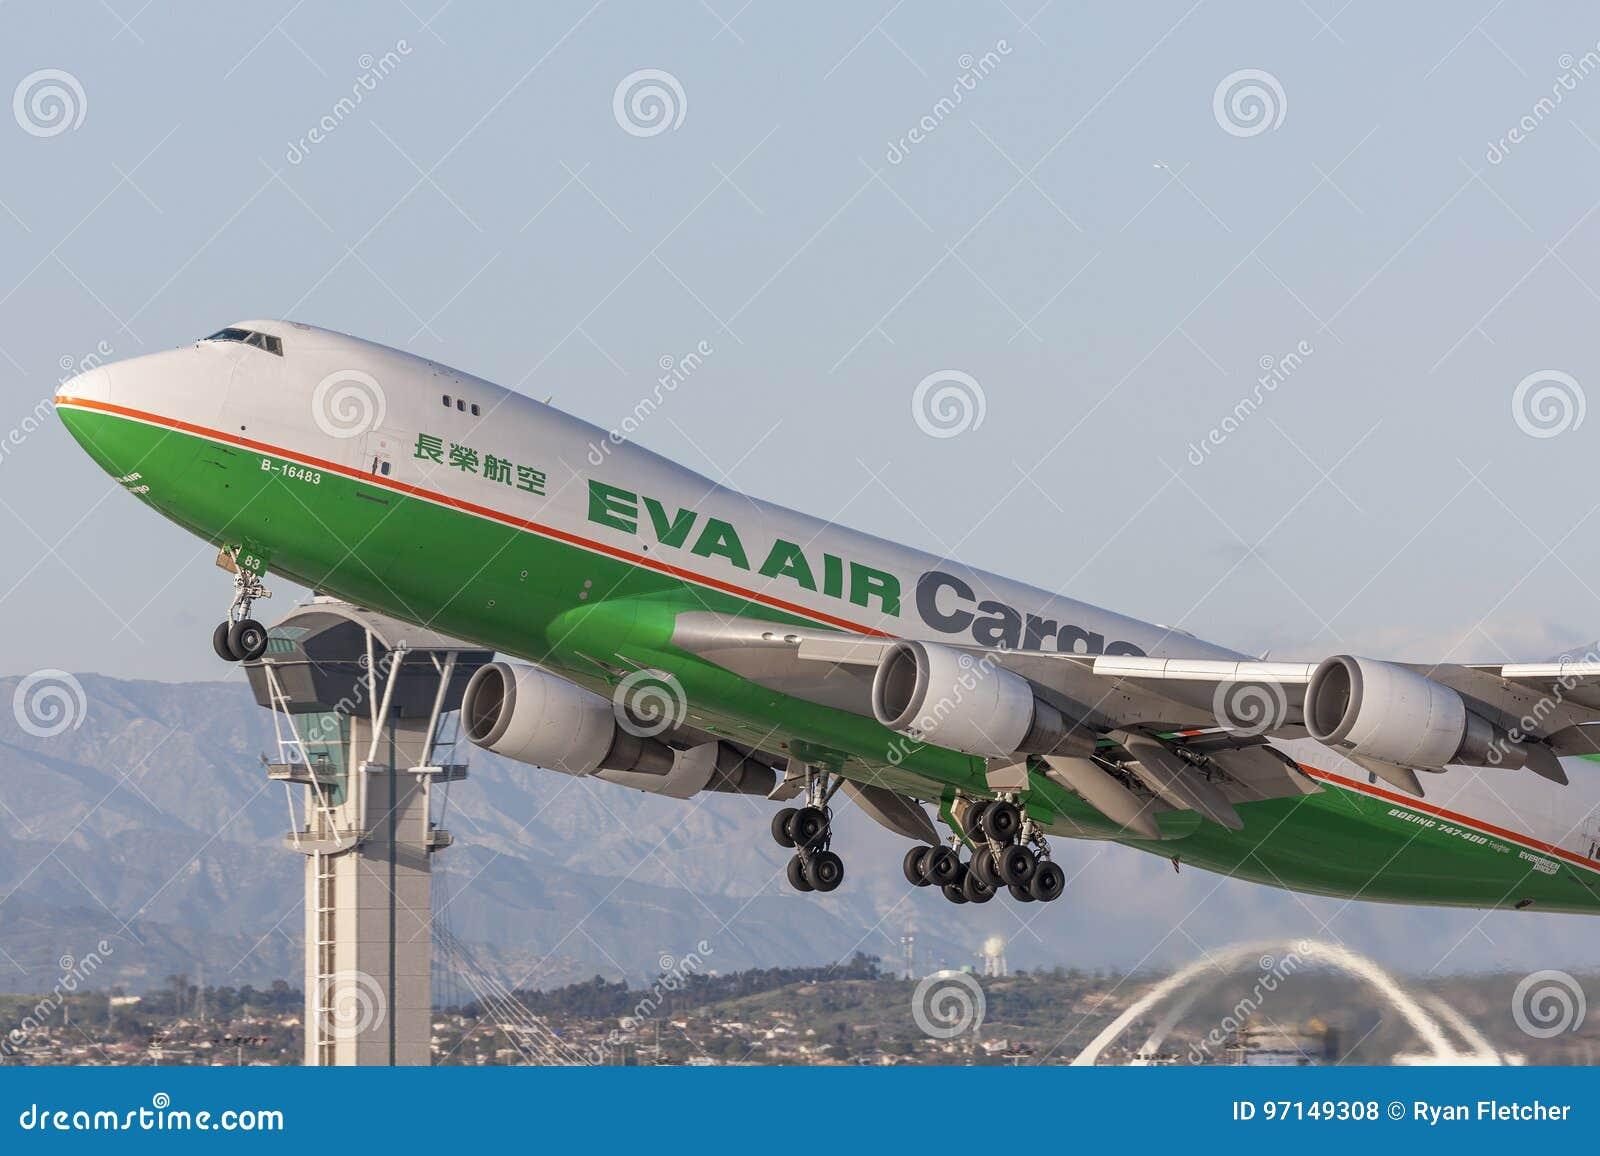 EVA Airways EVA Air Cargo Boeing 747 avions de cargaison décollant de l aéroport international de Los Angeles